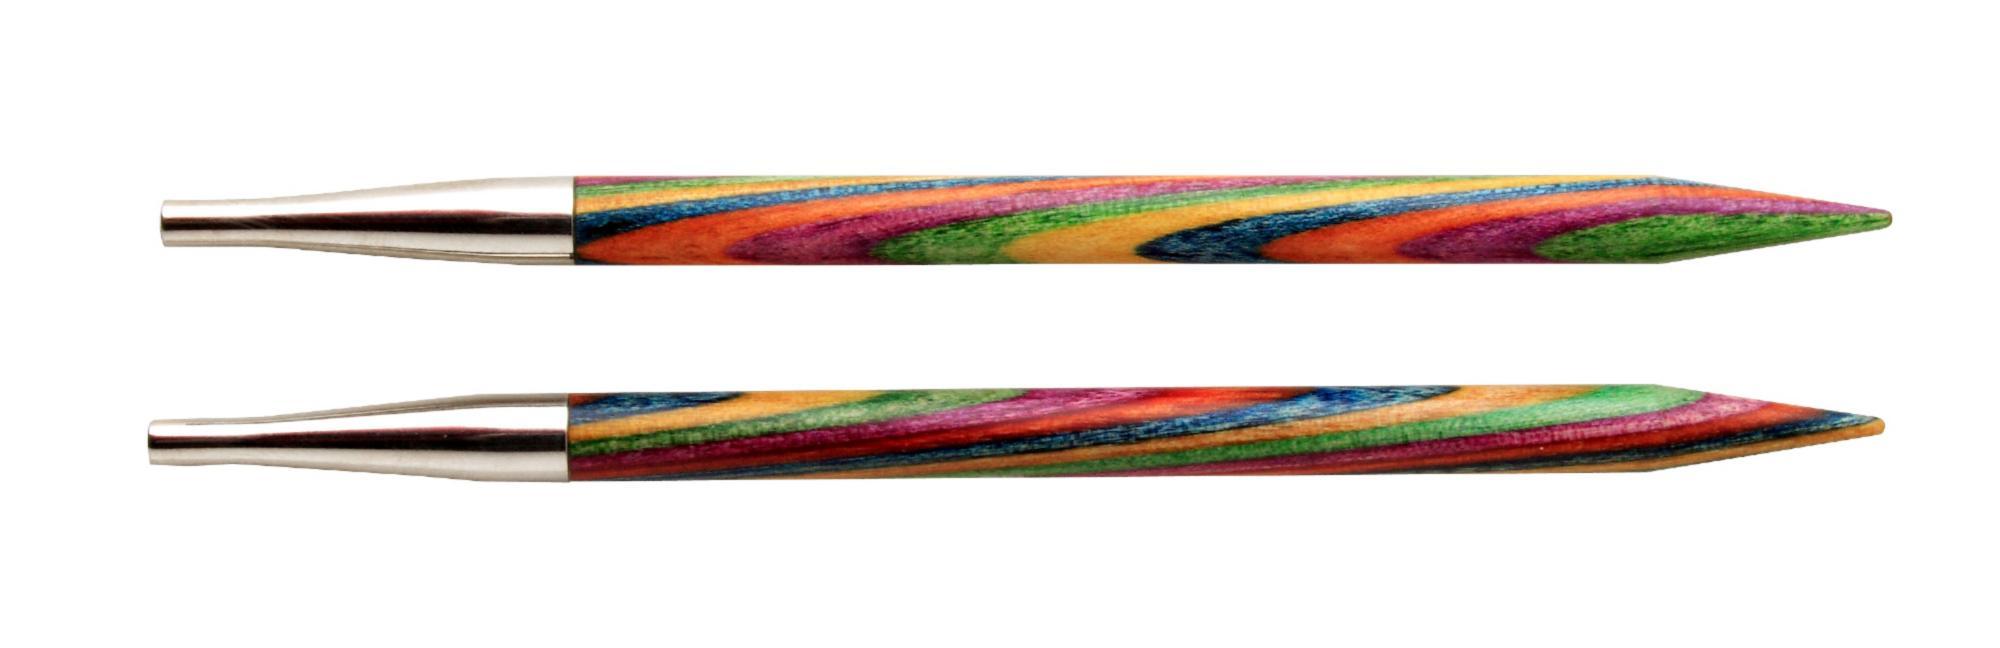 Спицы съемные Symfonie Wood KnitPro, 20409, 8.00 мм